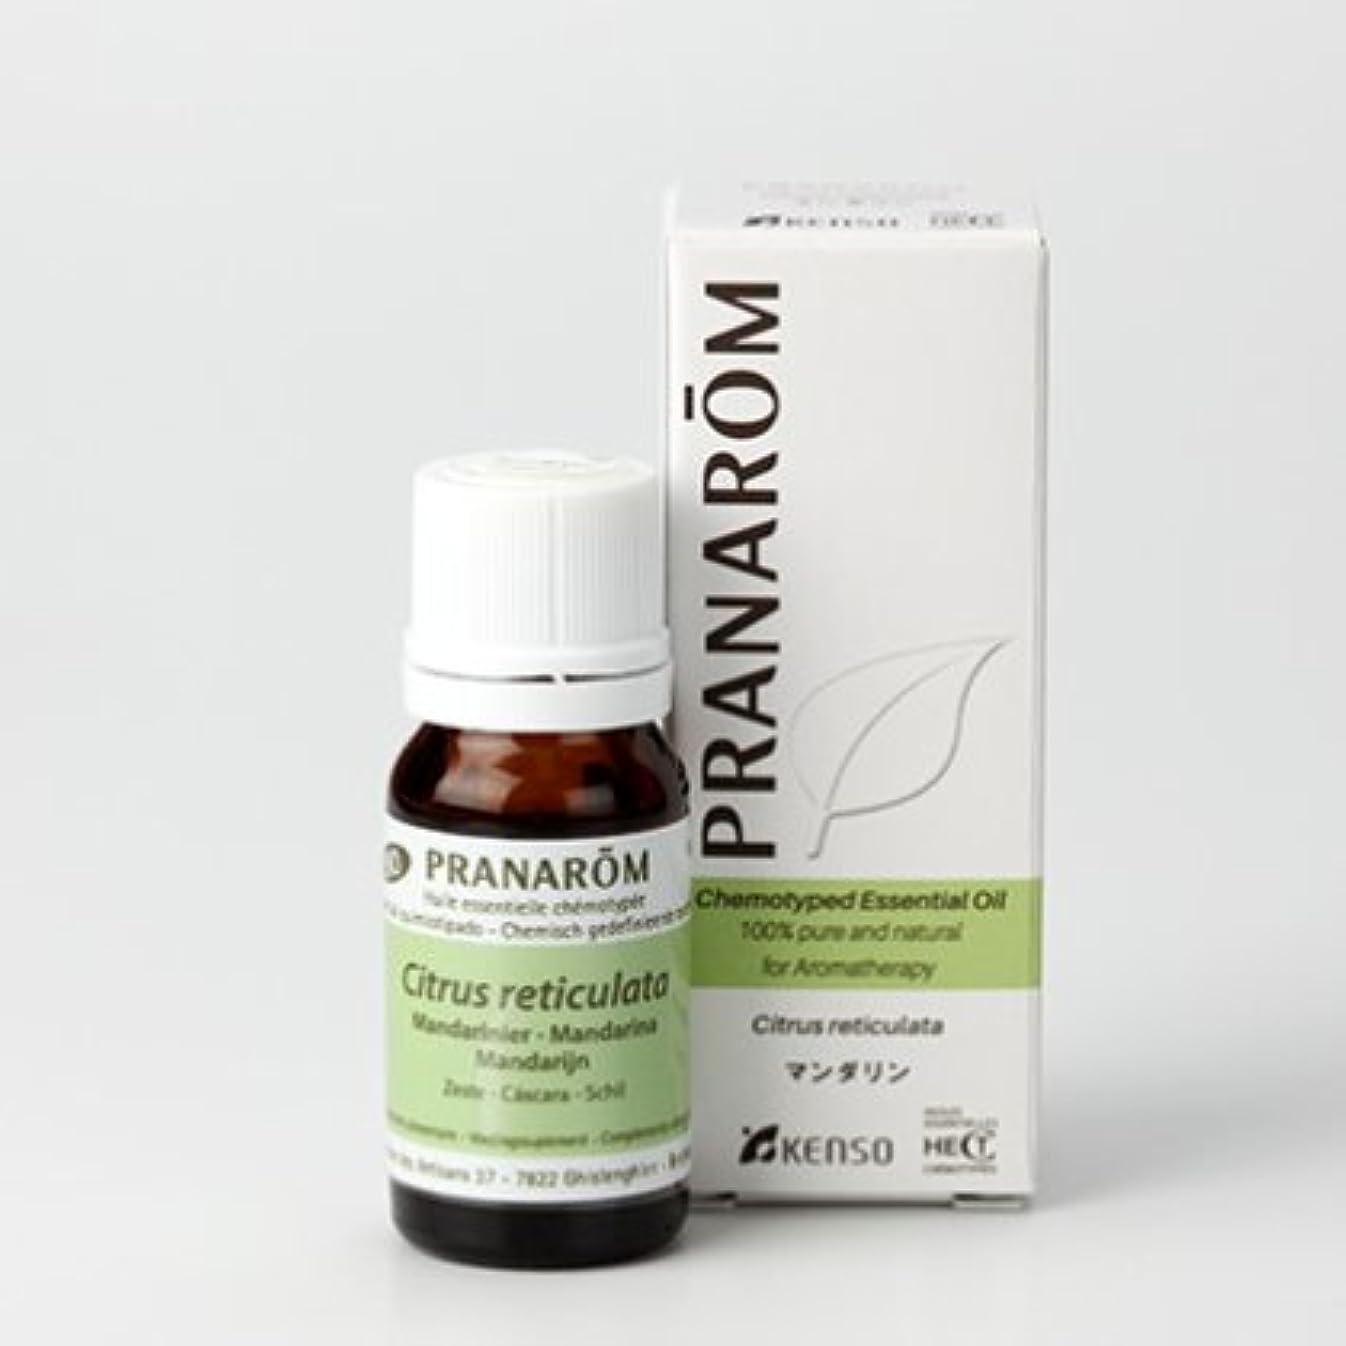 争う発明する均等にマンダリン 10ml プラナロム社エッセンシャルオイル(精油) 柑橘系トップノート